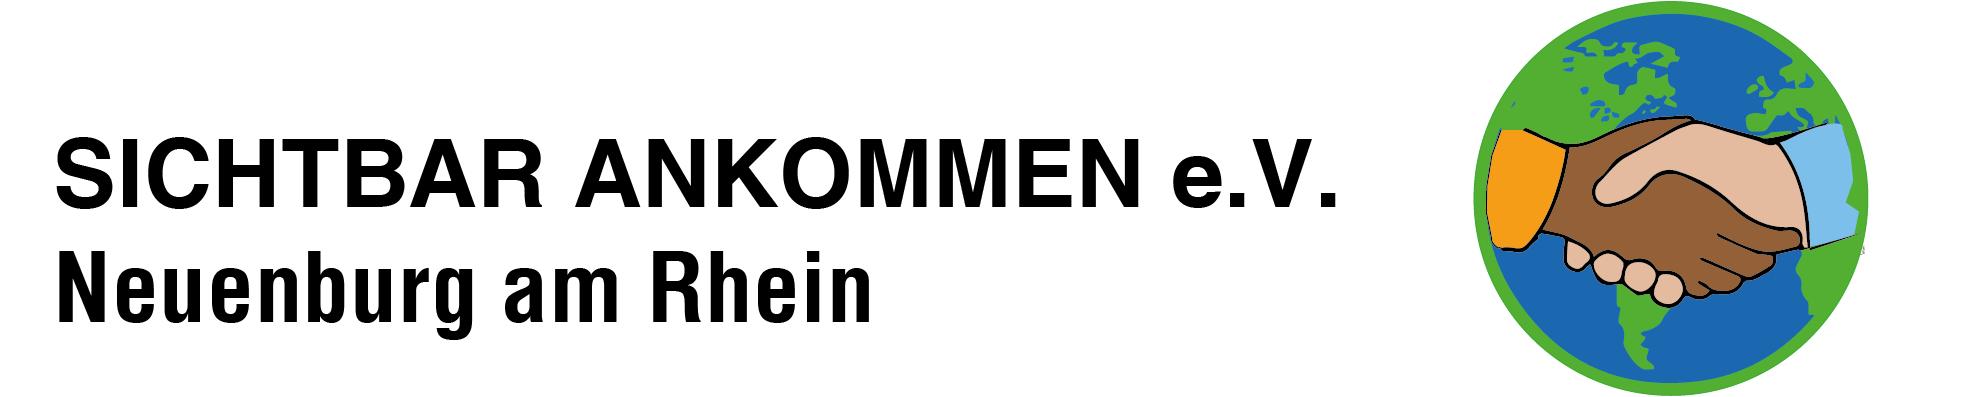 SICHTBAR ANKOMMEN e.V.